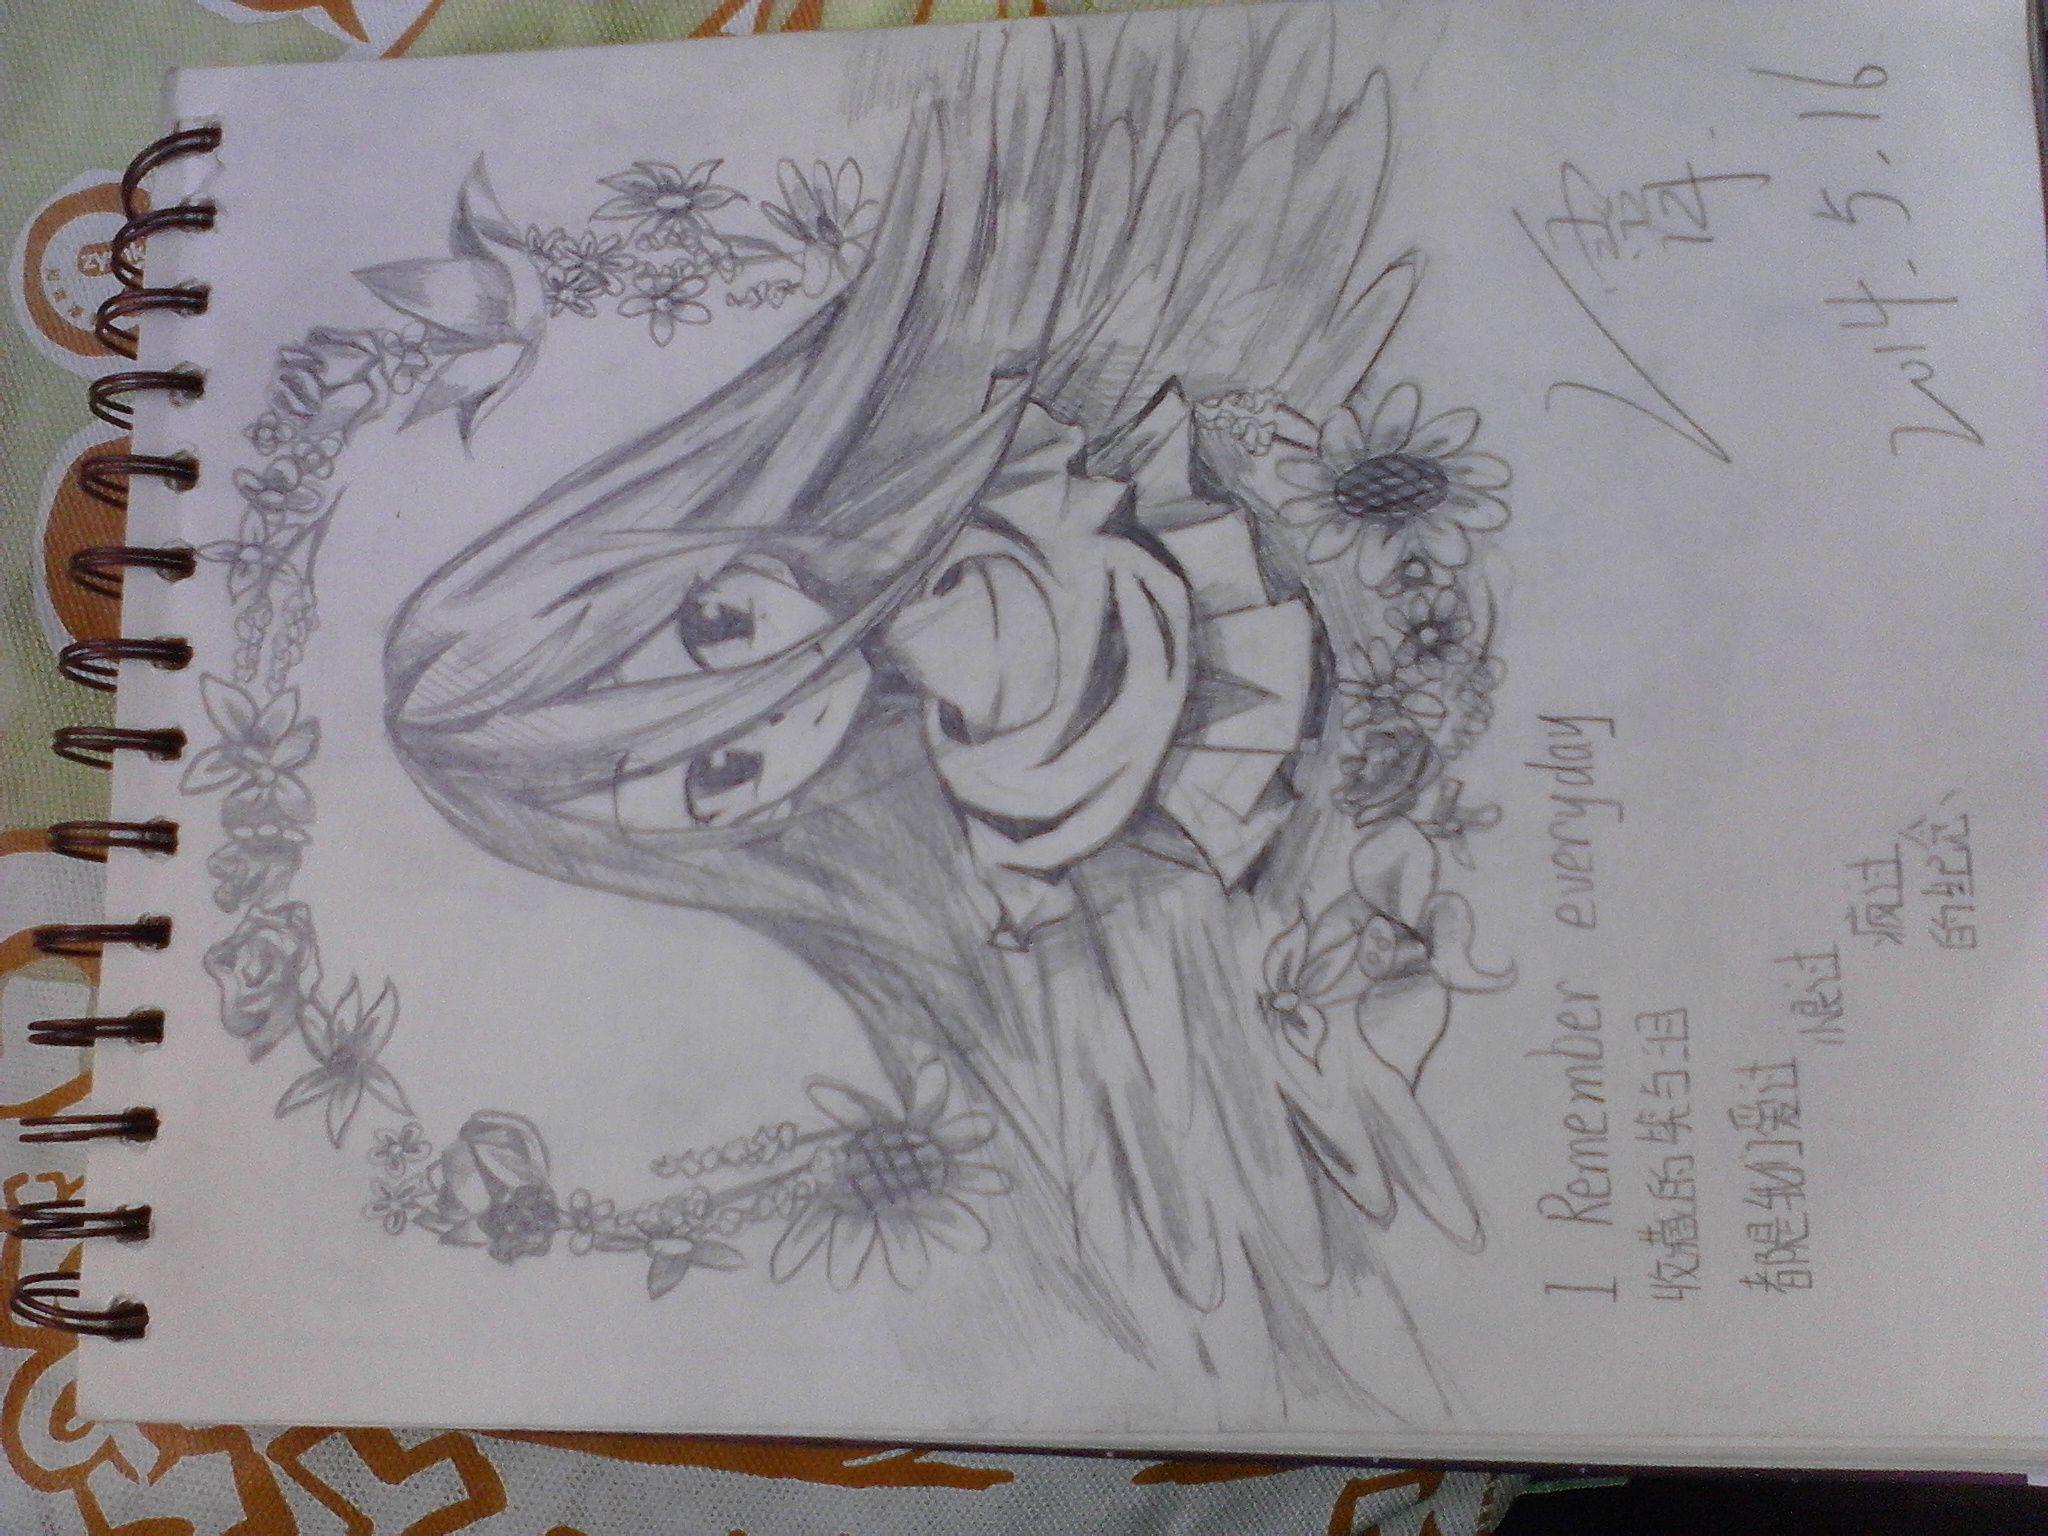 未来的我铅笔画 铅笔画小人 卡通少女铅笔画图片-,卡通萌图少女铅